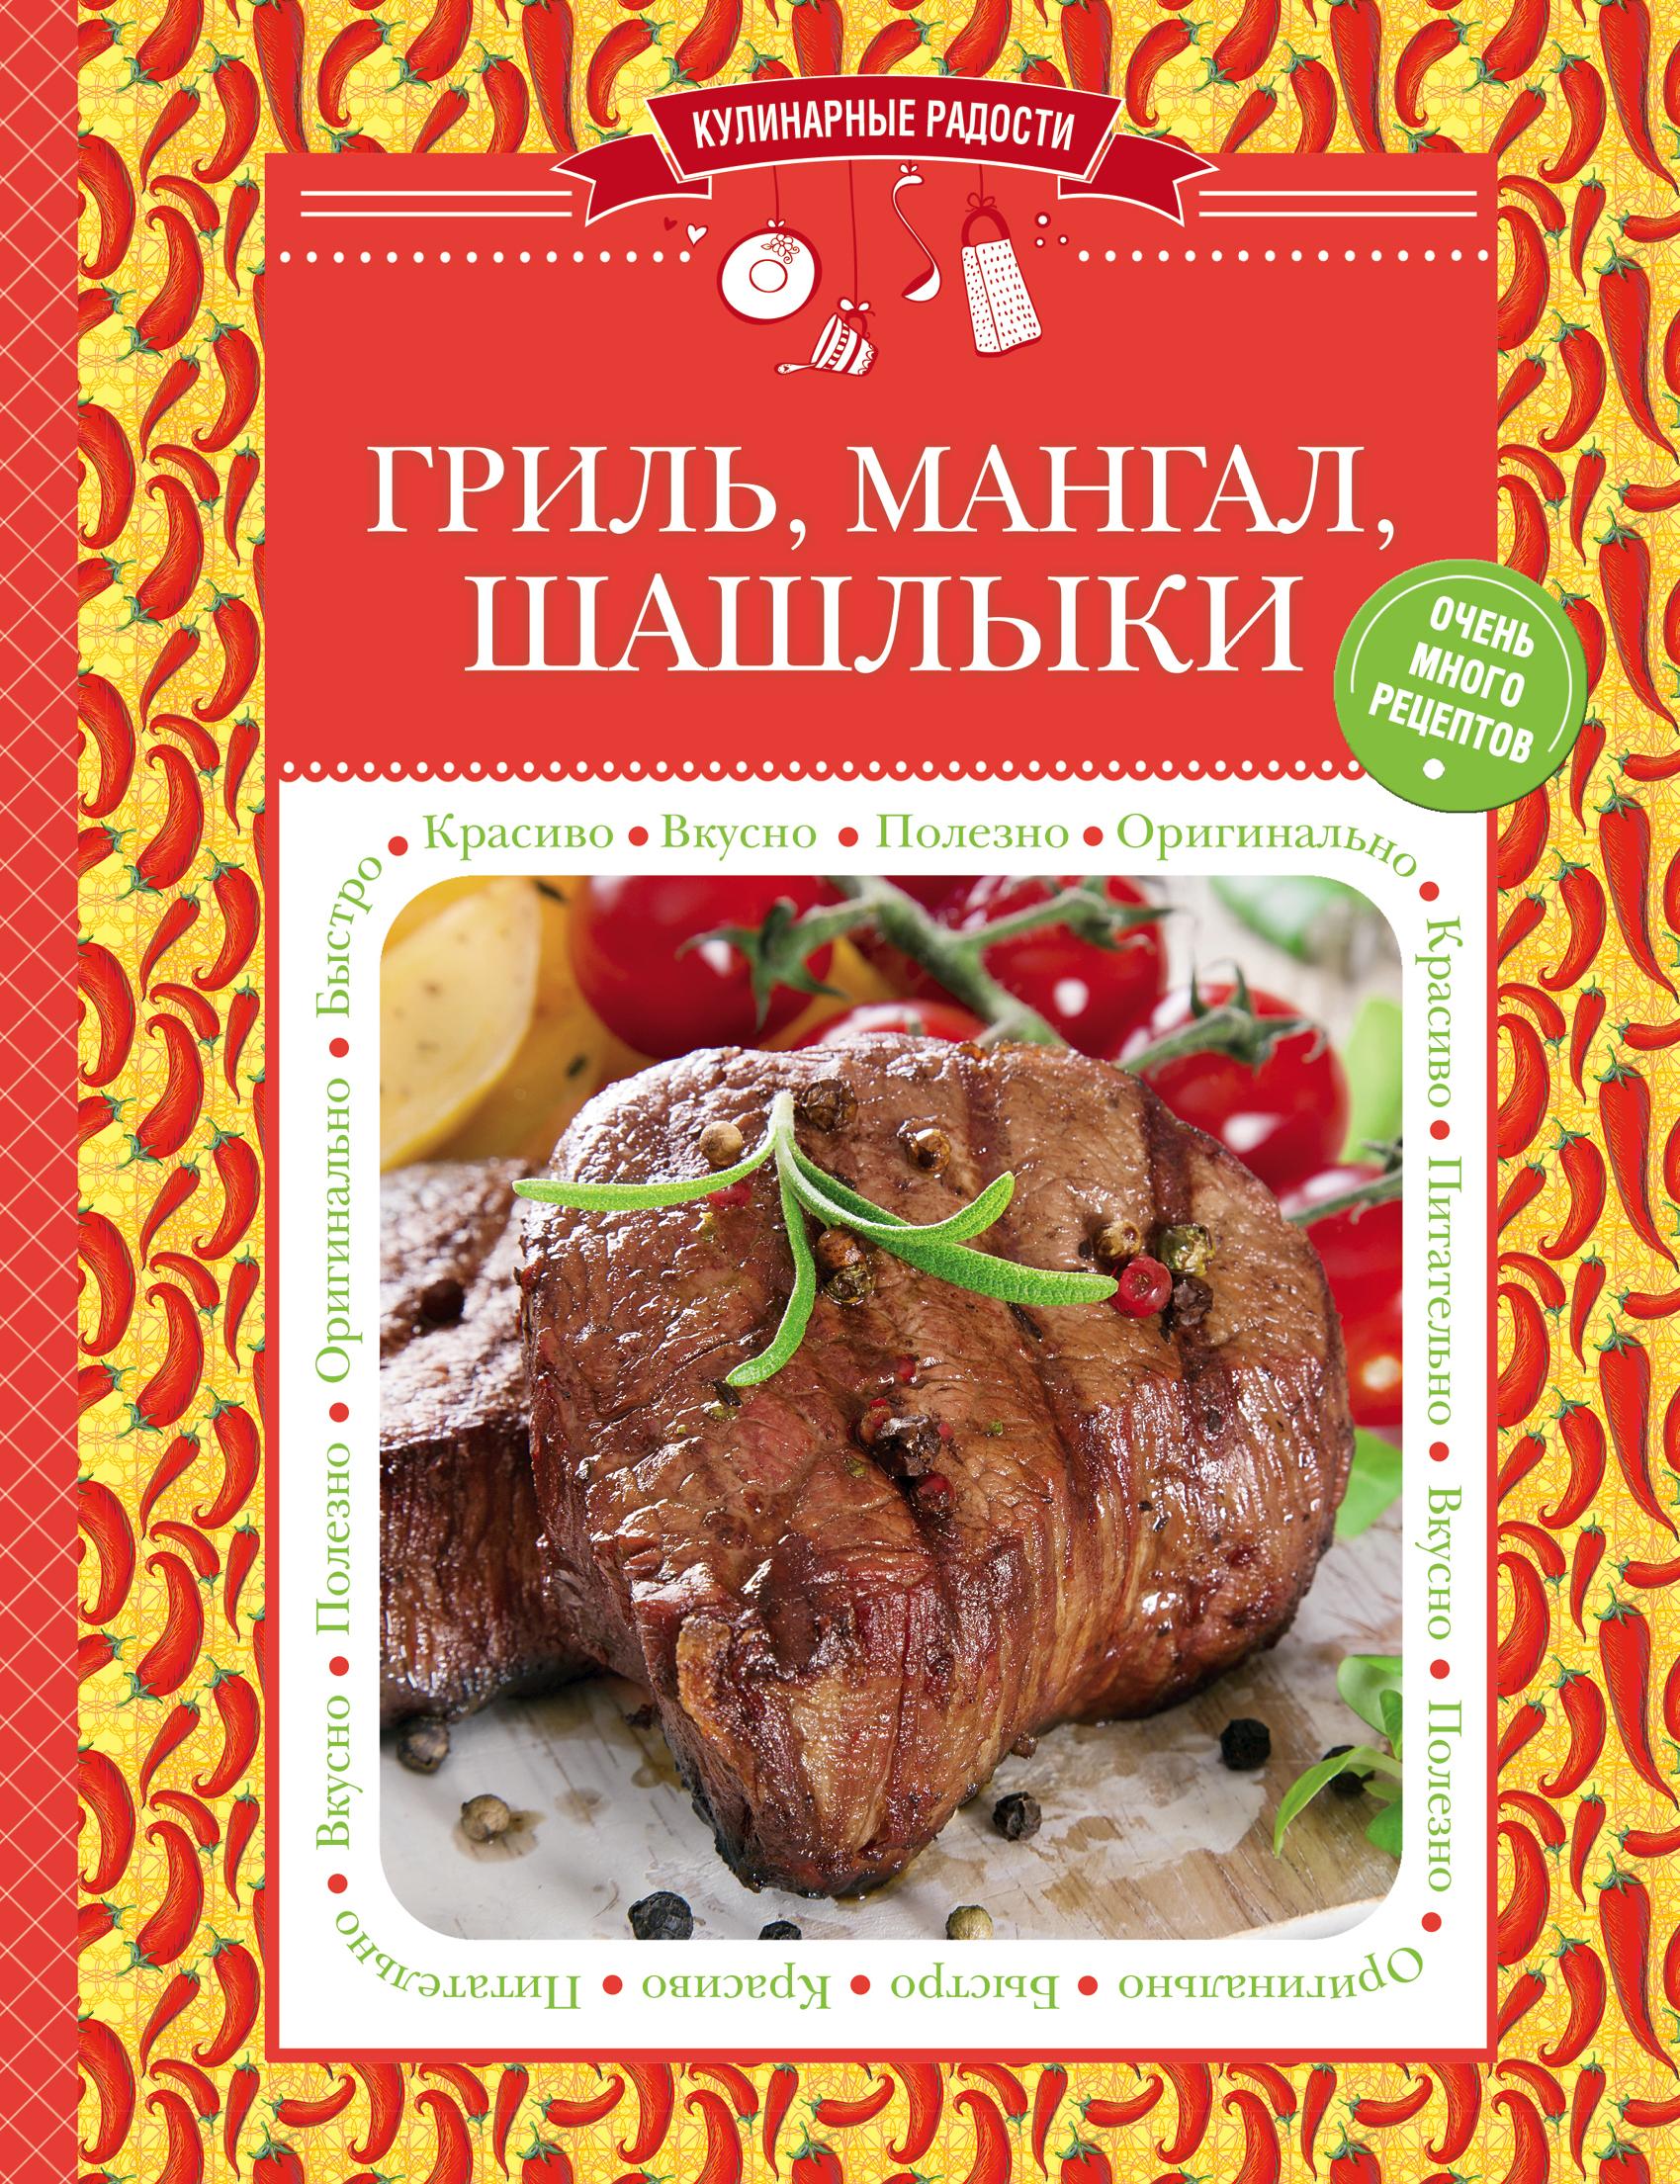 Гриль, мангал, шашлыки шашлыки гриль и другие блюда на огне